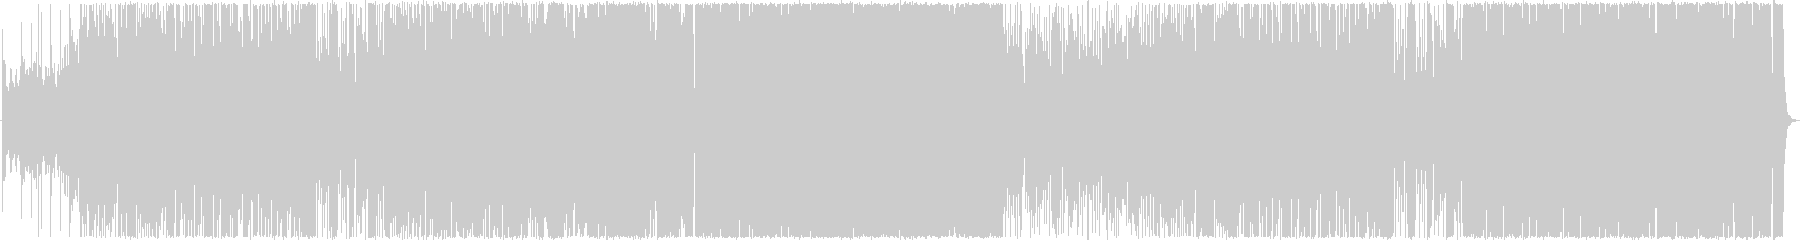 ファンキーなブラスセクションによるアッ…の未再生の波形